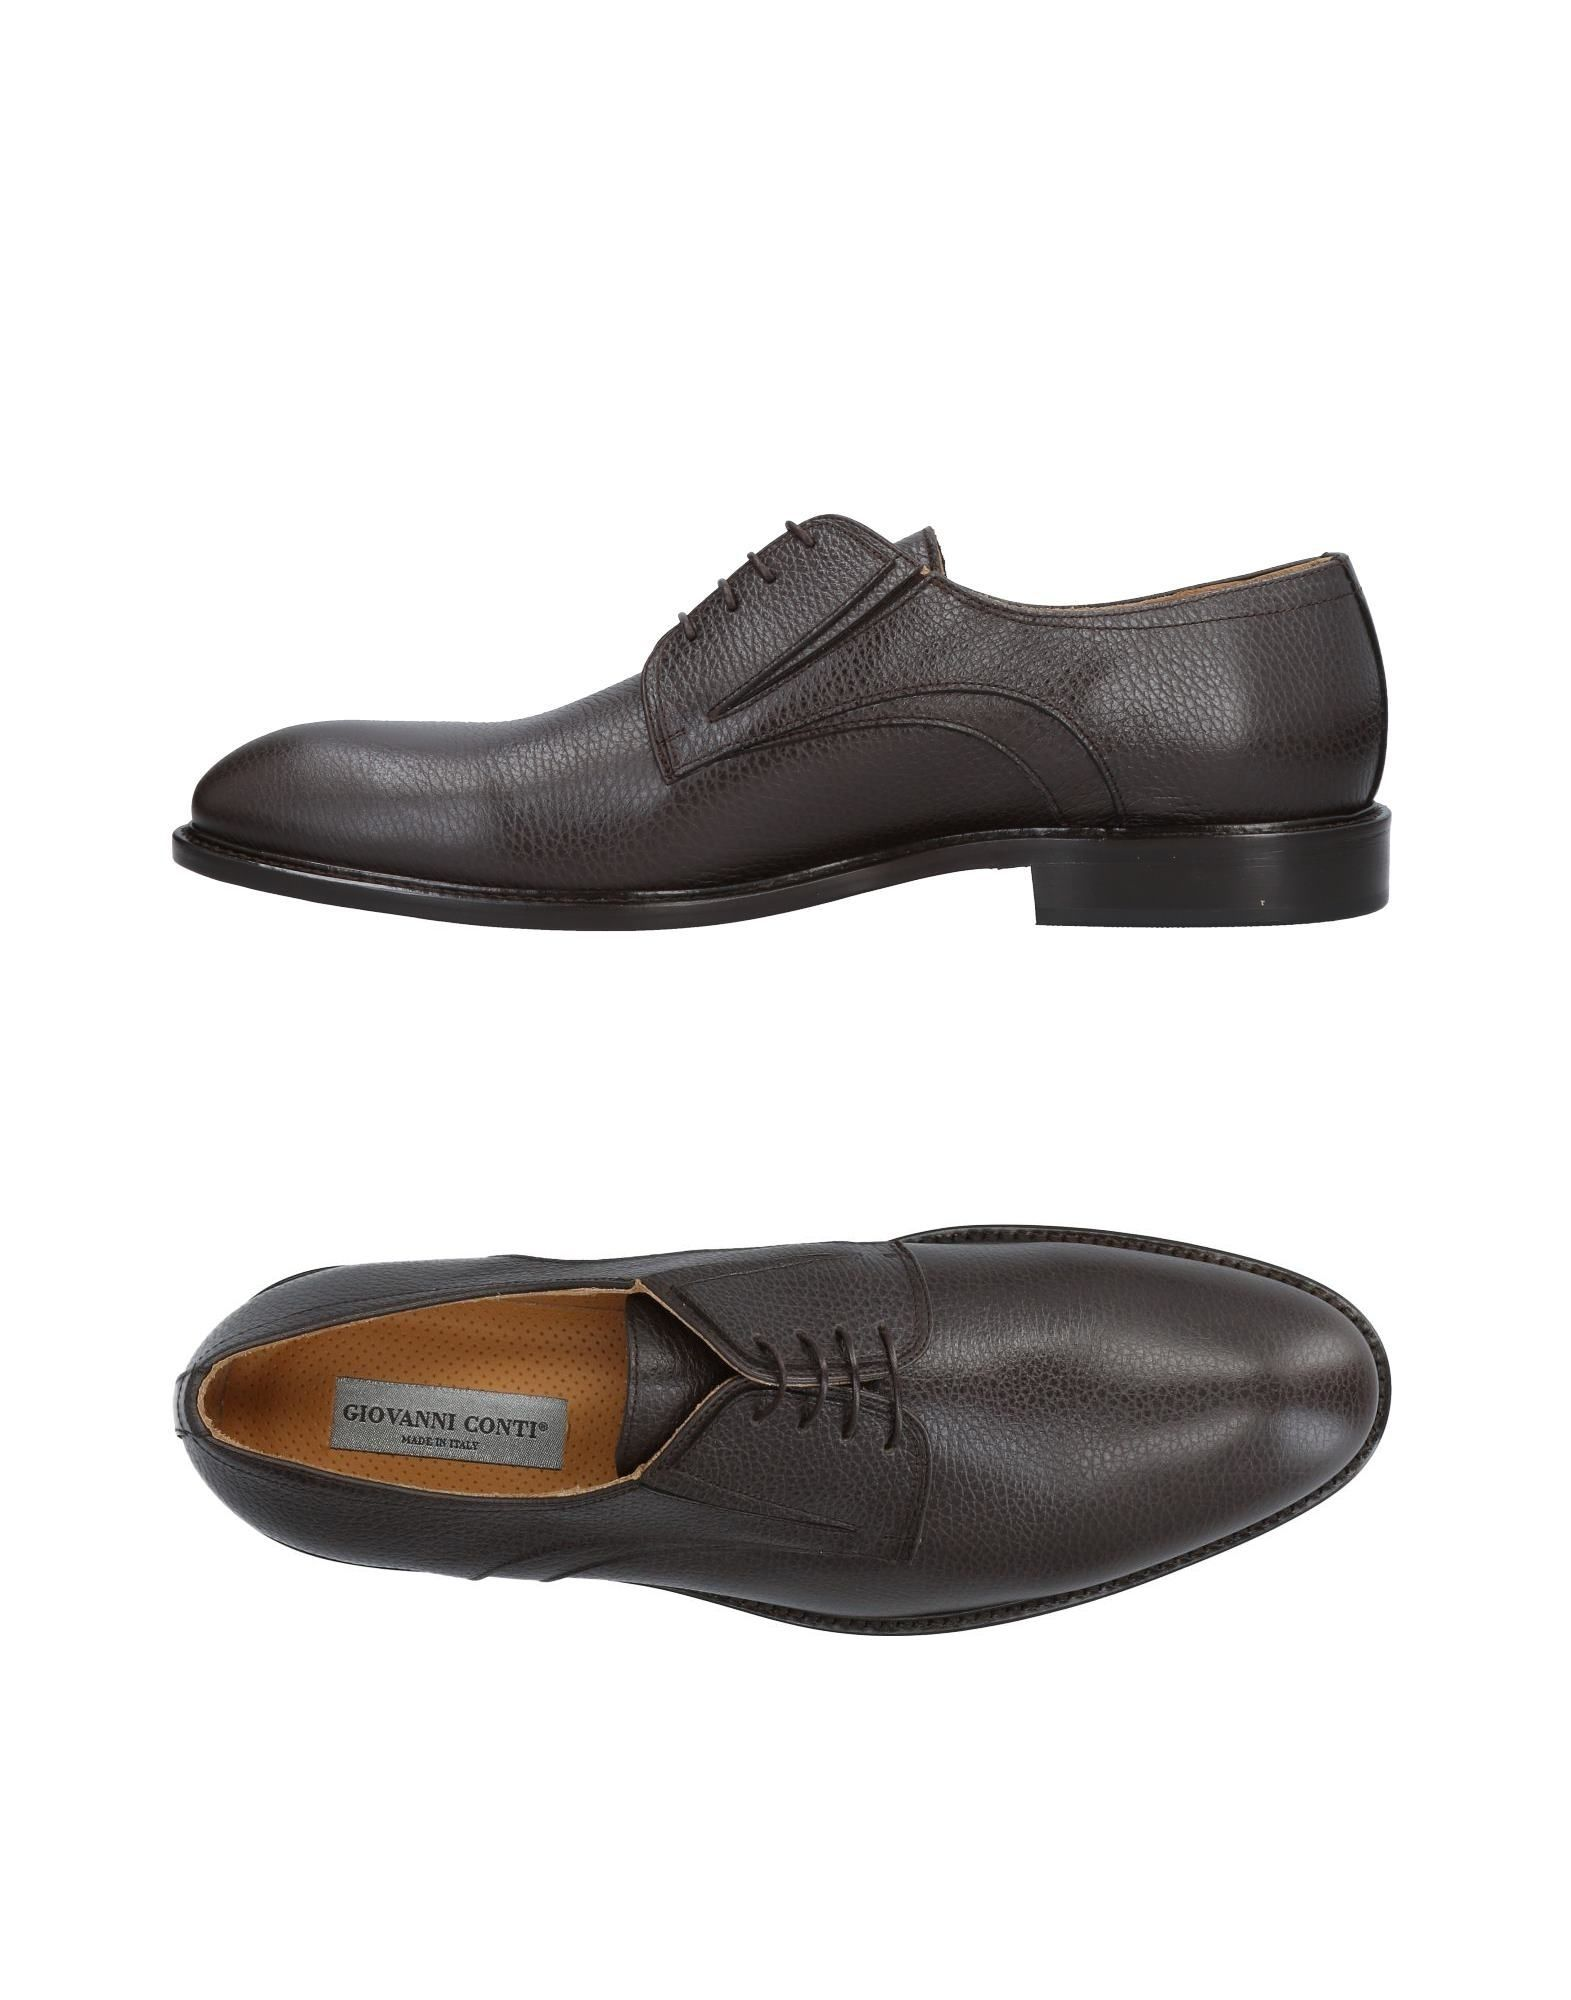 Giovanni Conti Schnürschuhe Herren  11070325TP Gute Qualität beliebte Schuhe